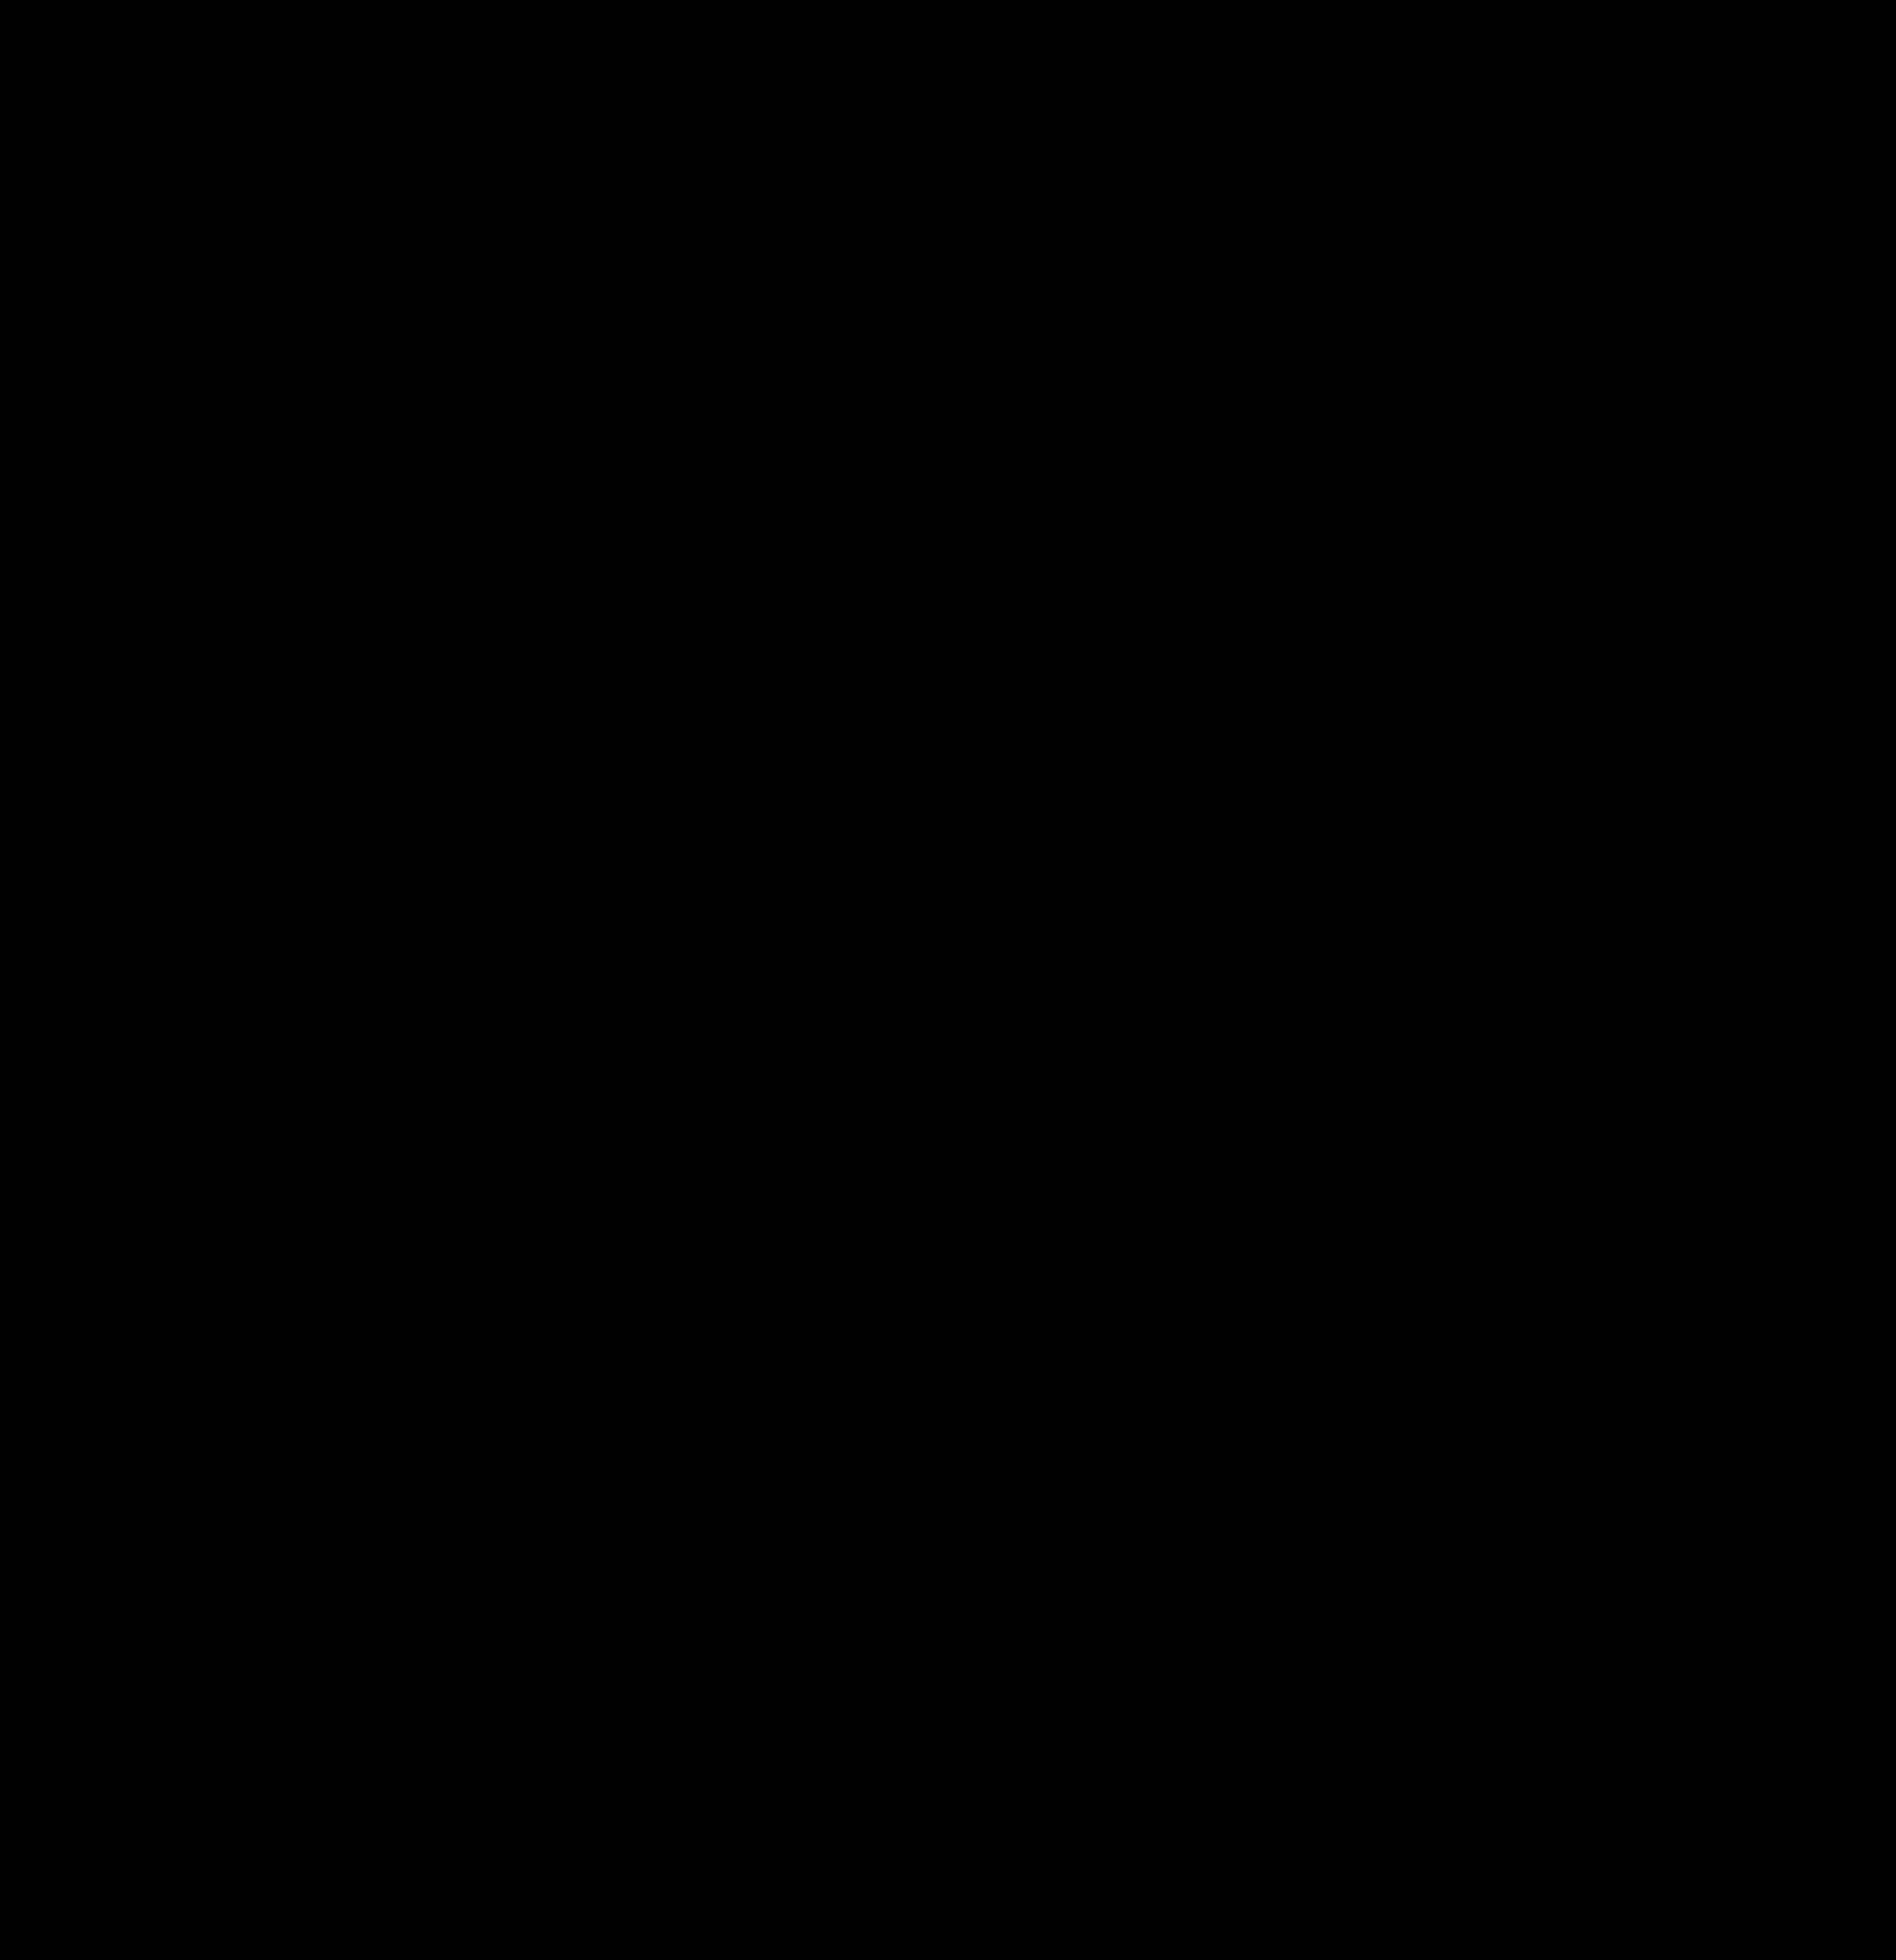 Patio area outdoor living room OUTDOOR TILES